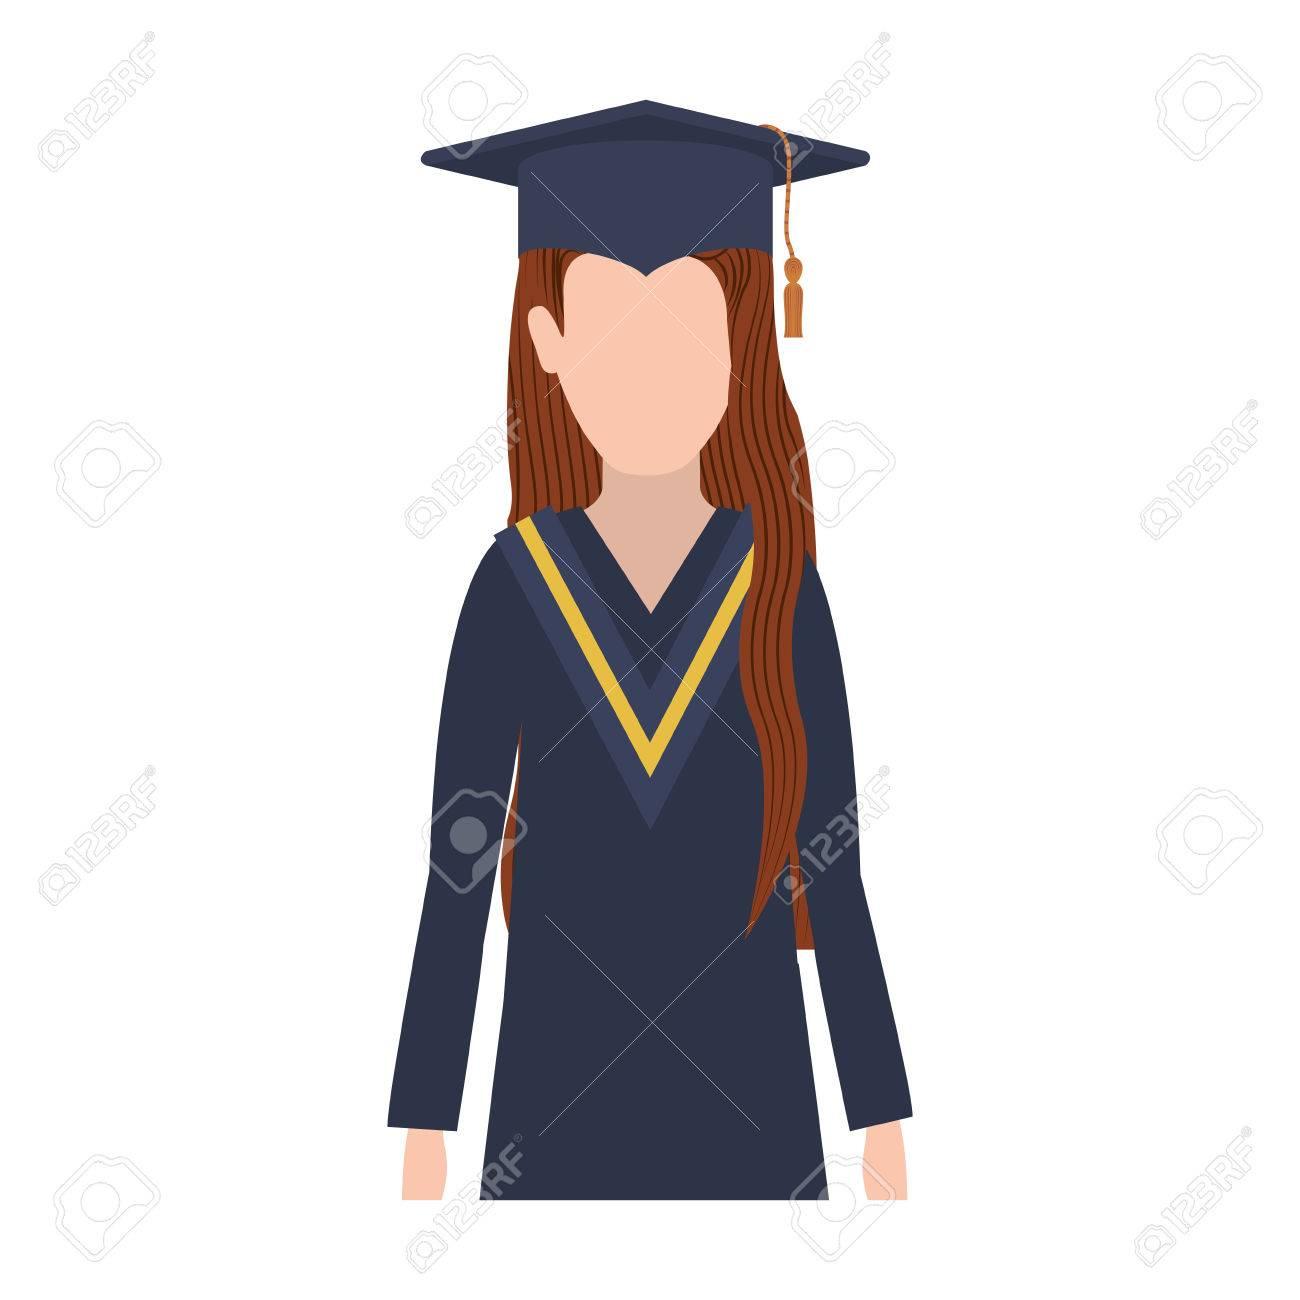 544a97cd4 Foto de archivo - Mujer de medio cuerpo con traje de graduación y la  ilustración vectorial cabello castaño